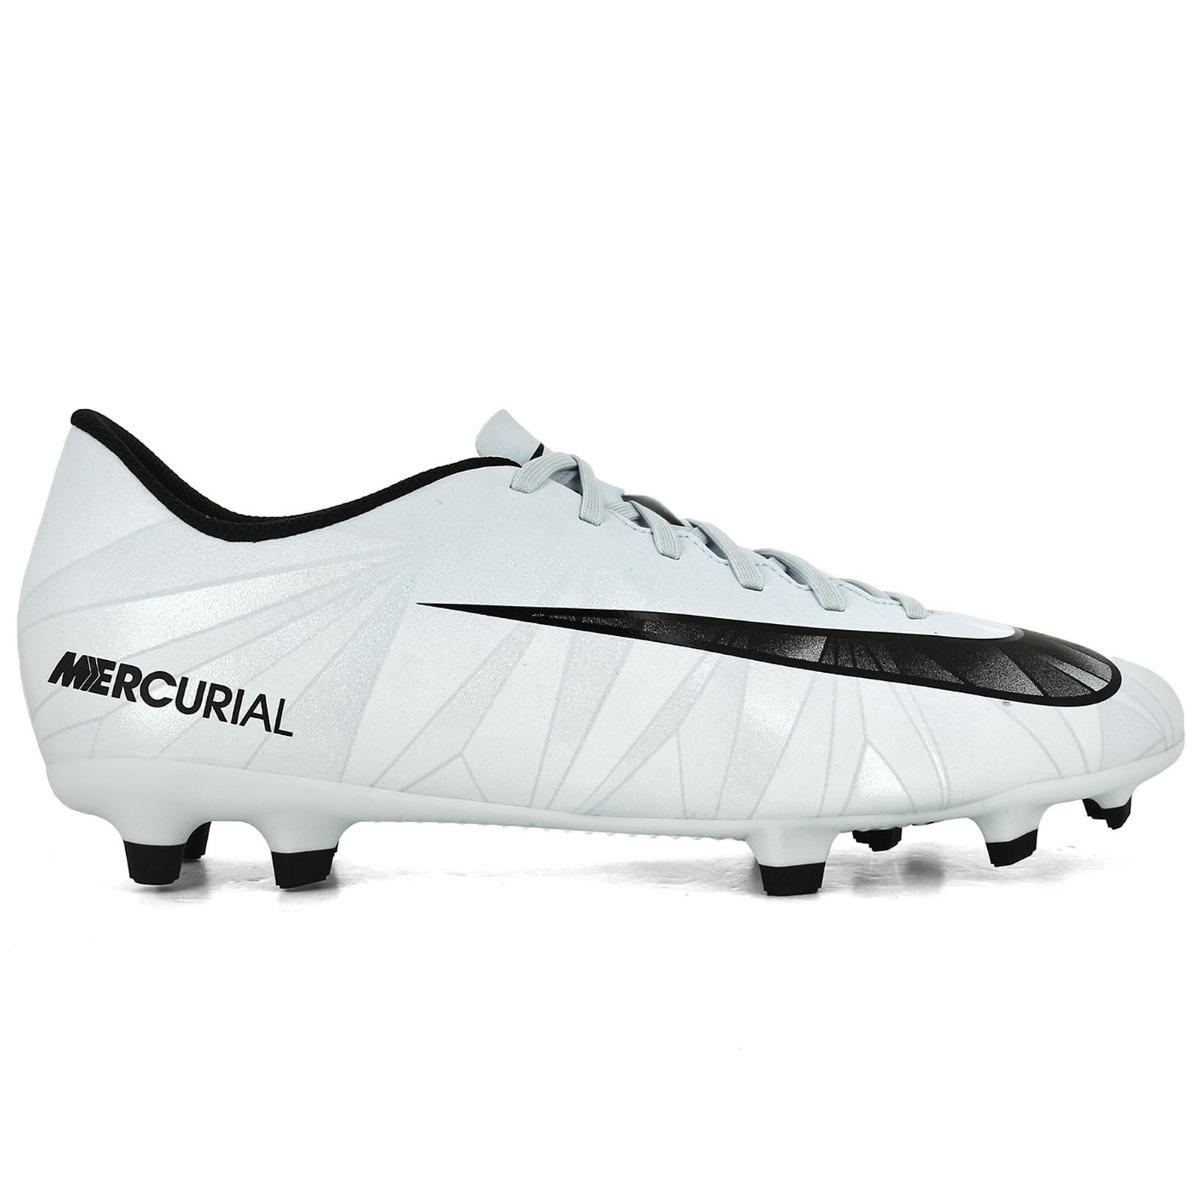 Botines Nike Mercurial Vortex Iii Cr7 Fg Originales Oferta -   1.399 ... d6538c23a8842